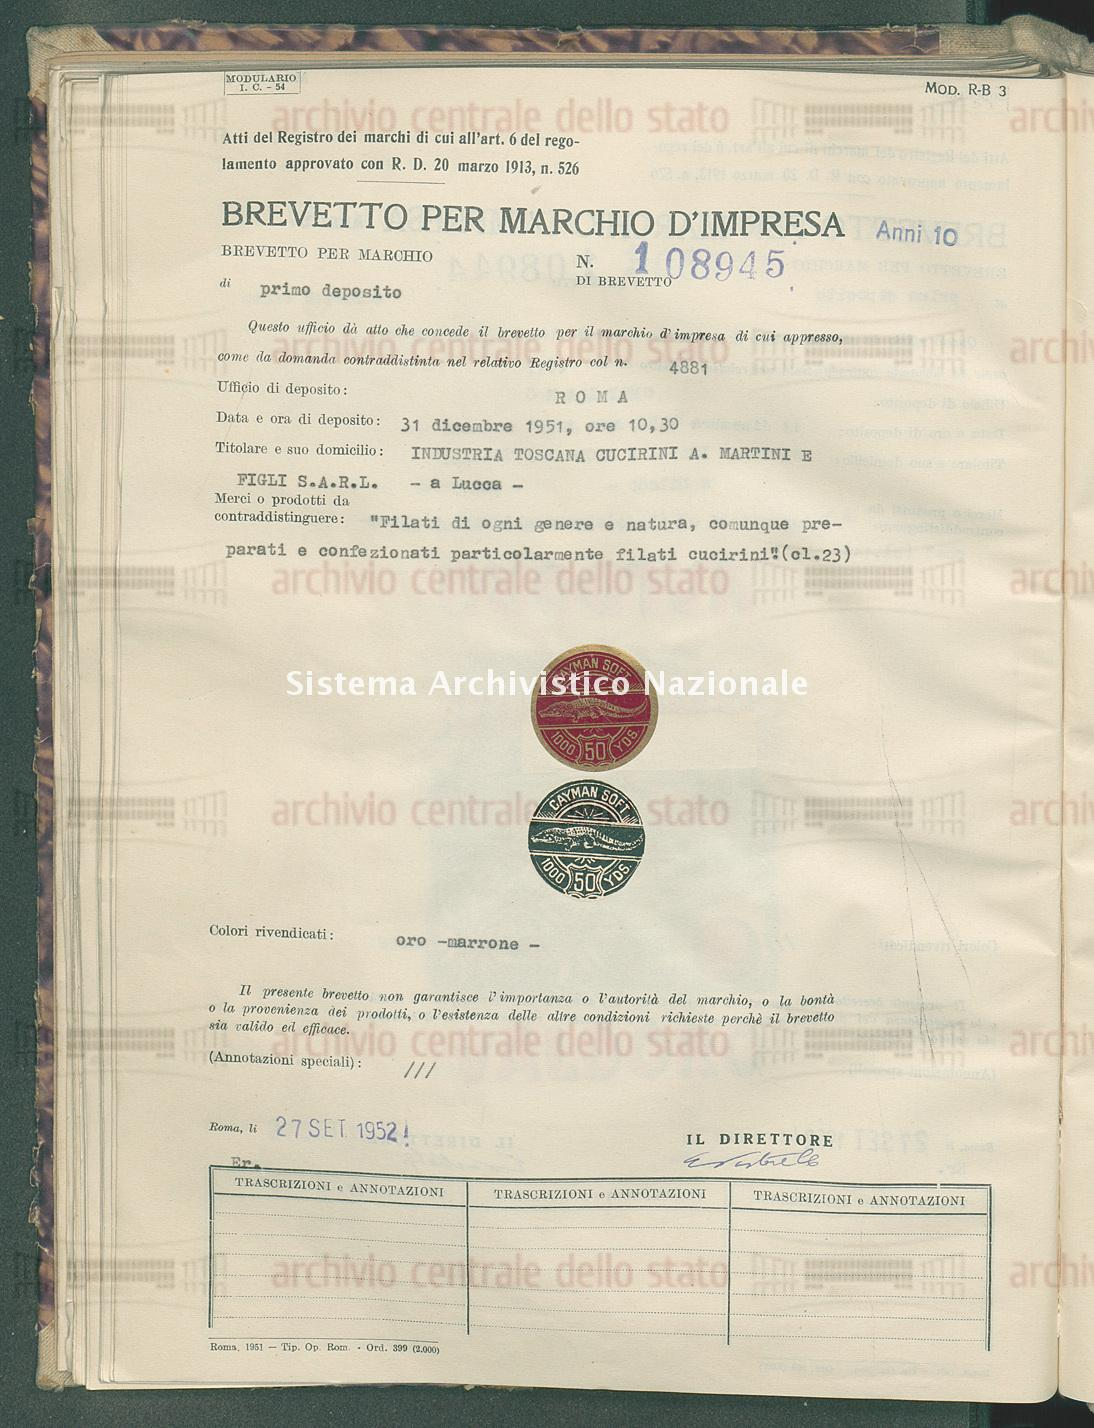 'Filati di ogni genere e natura, comunque preparati e ecc. Industria Toscana Cucirini A. Martini E Figli S.A.R.L. (27/09/1952)